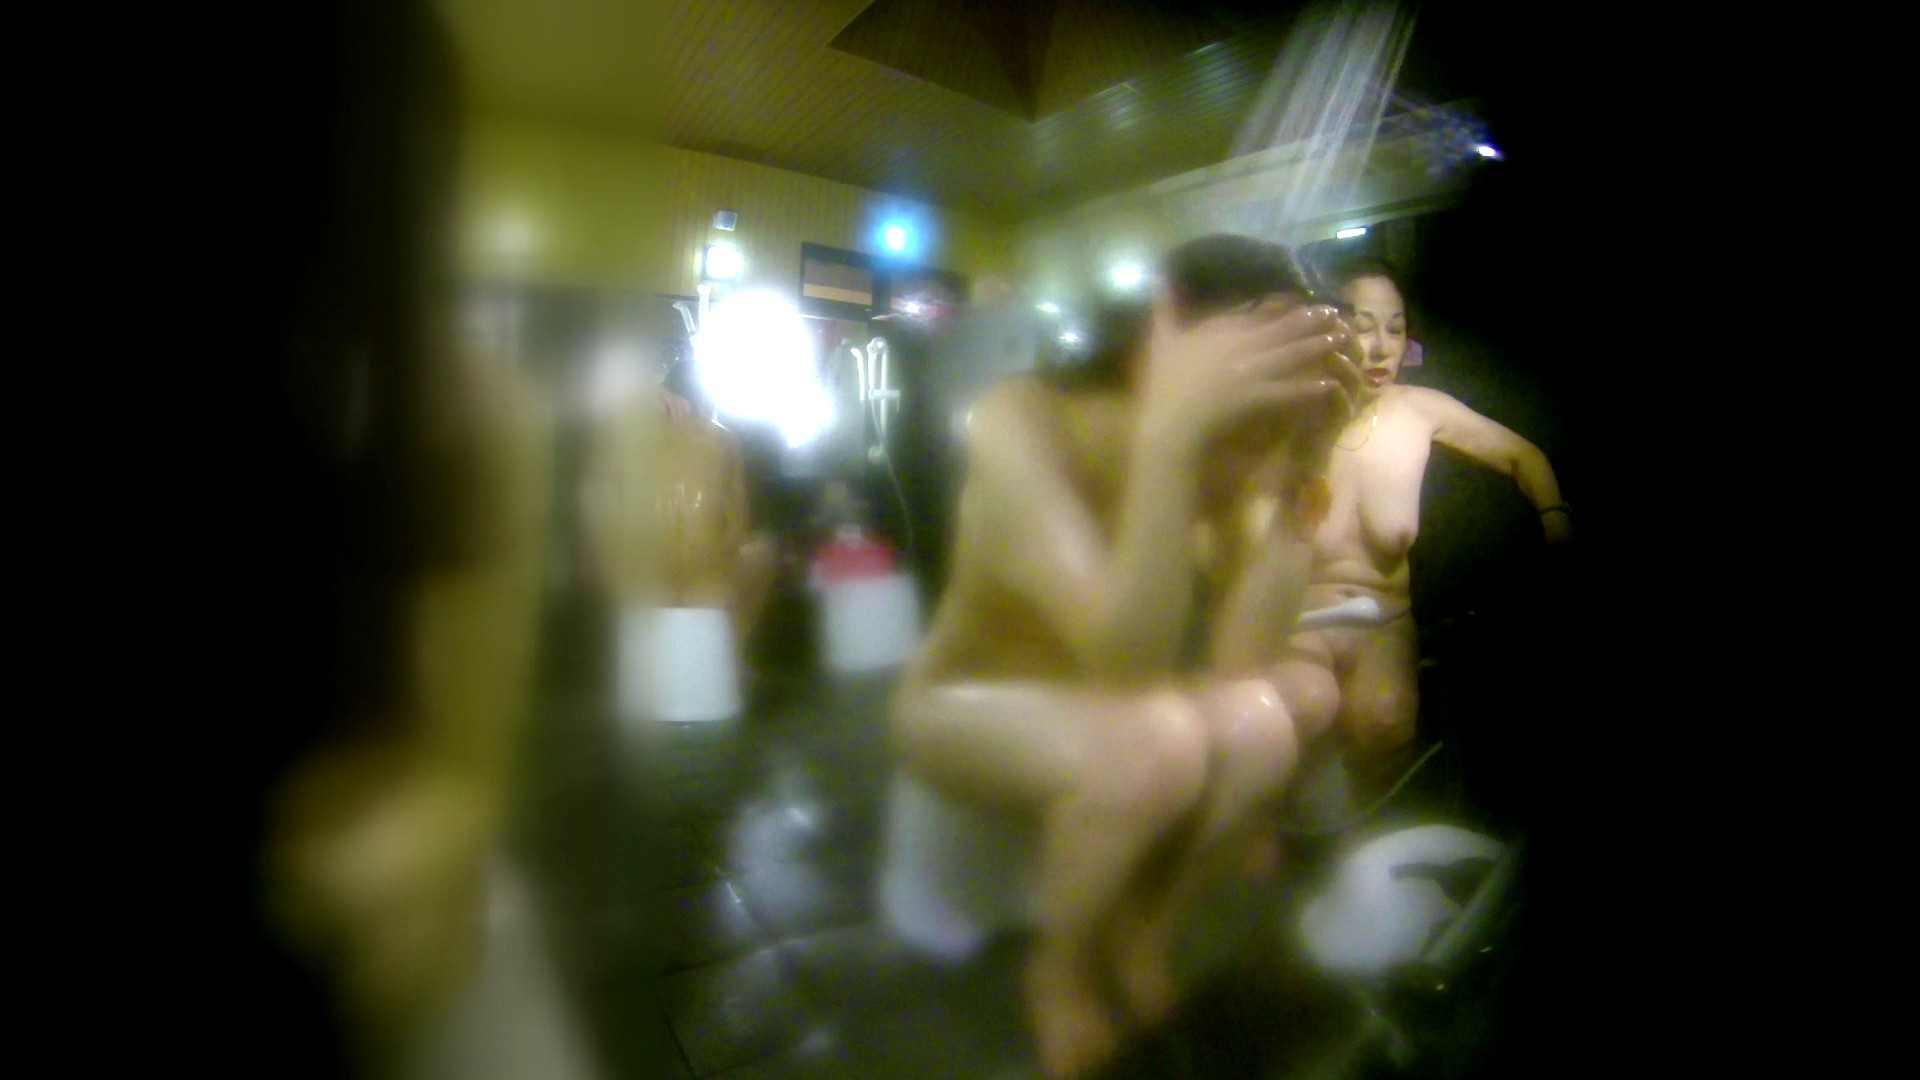 洗い場!右足の位置がいいですね。陰毛もっさり! 潜入 おまんこ動画流出 113pic 110